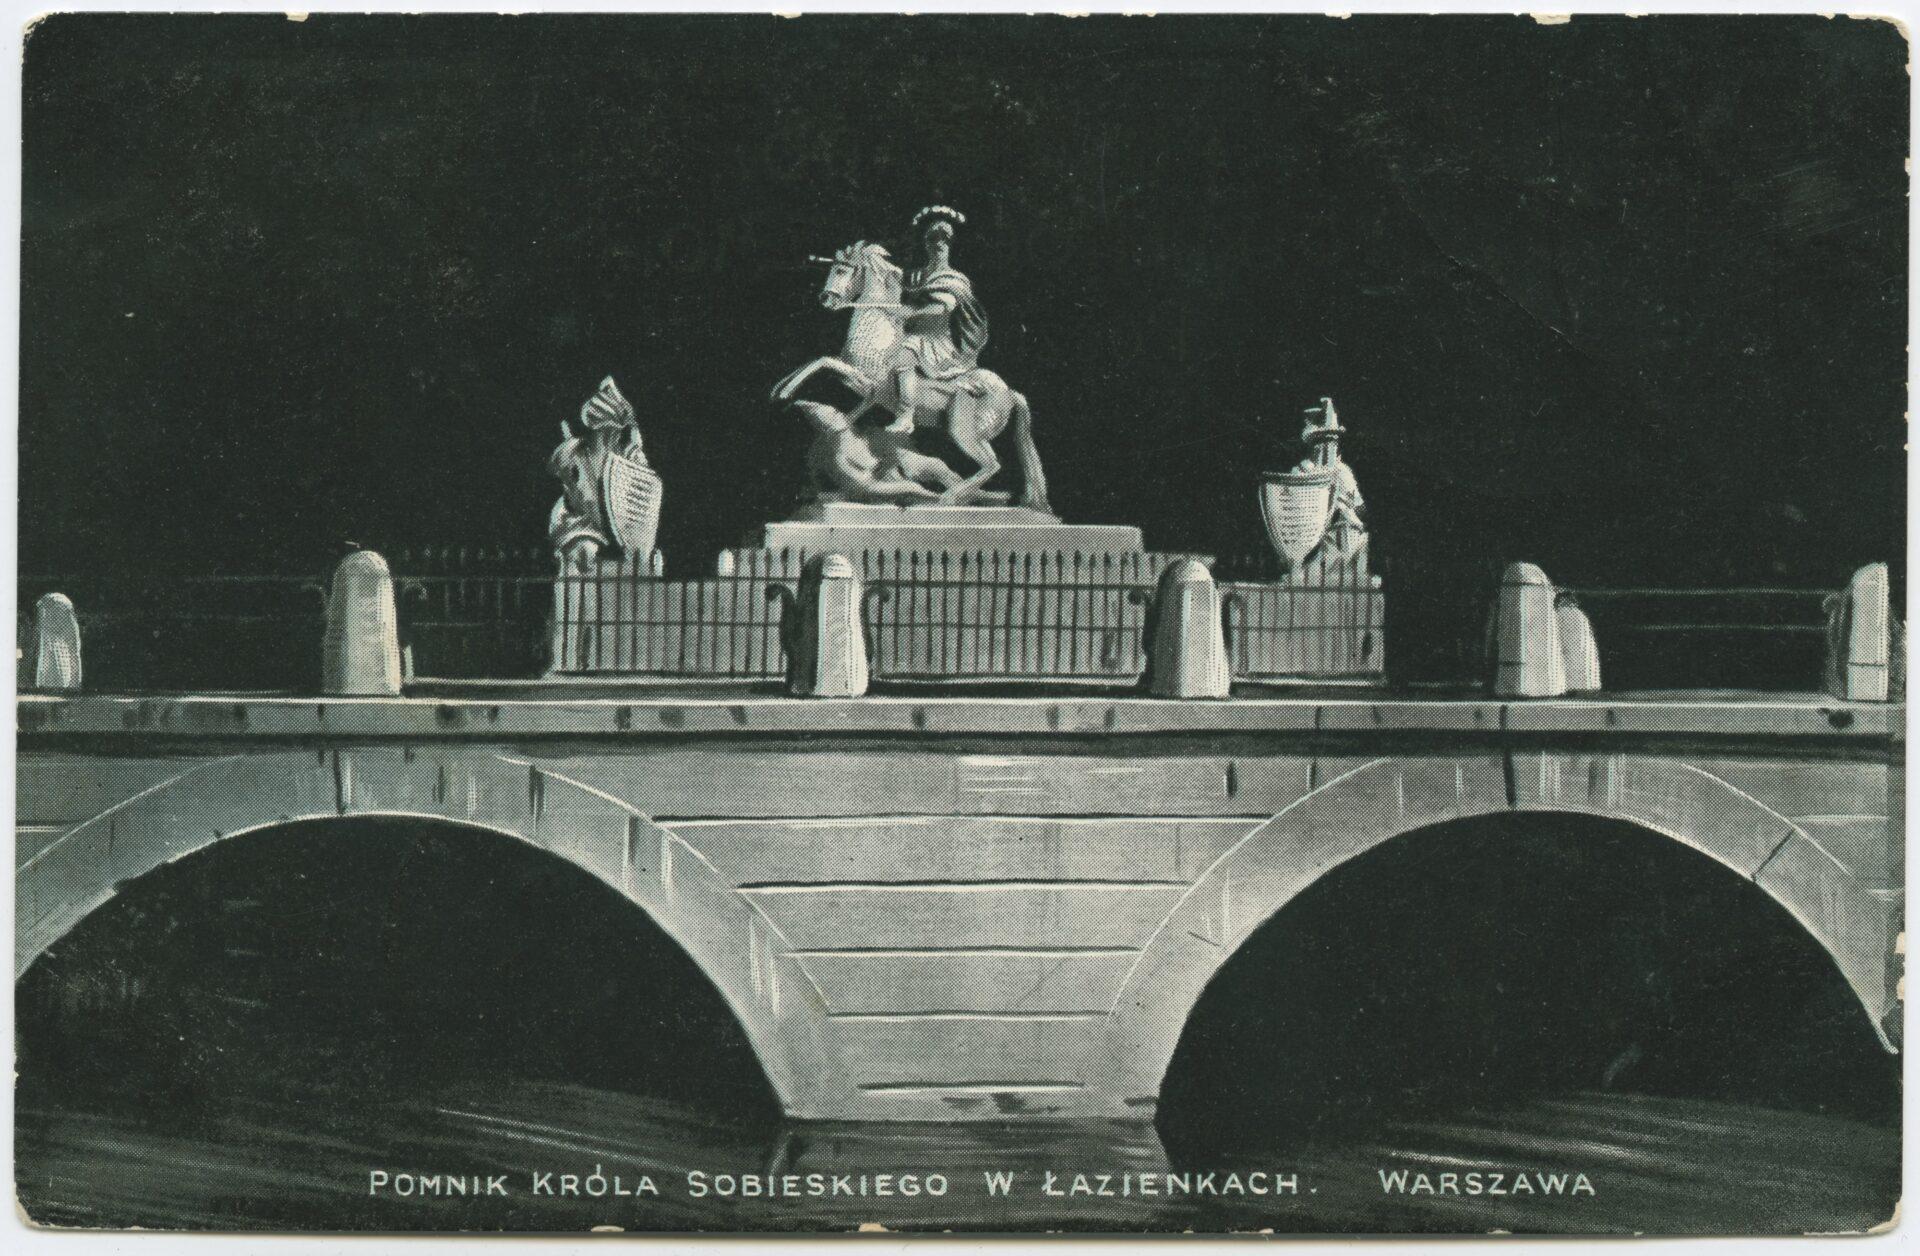 Czarno-białe zdjęcie fragment mostu, namoście pomnik konny.